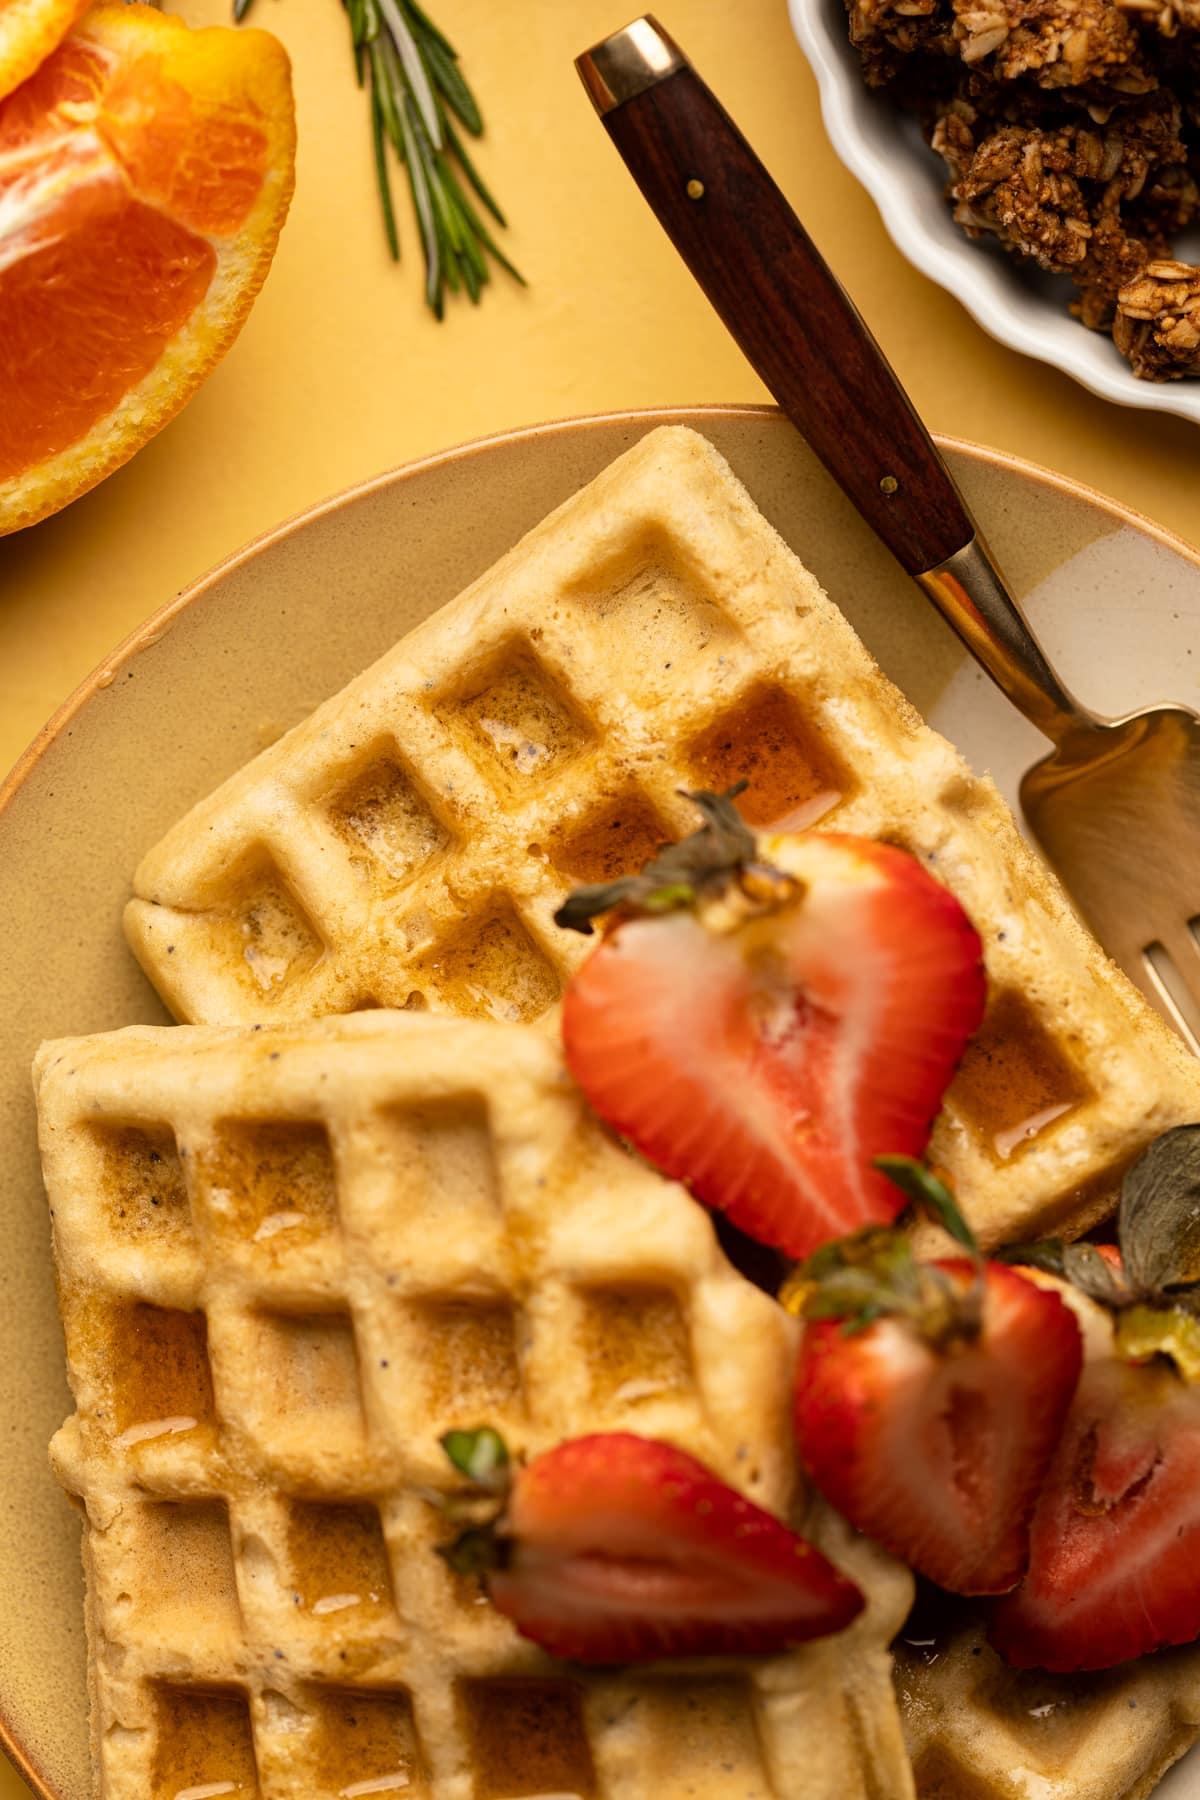 Gluten-Free Lemon Poppyseed Waffles